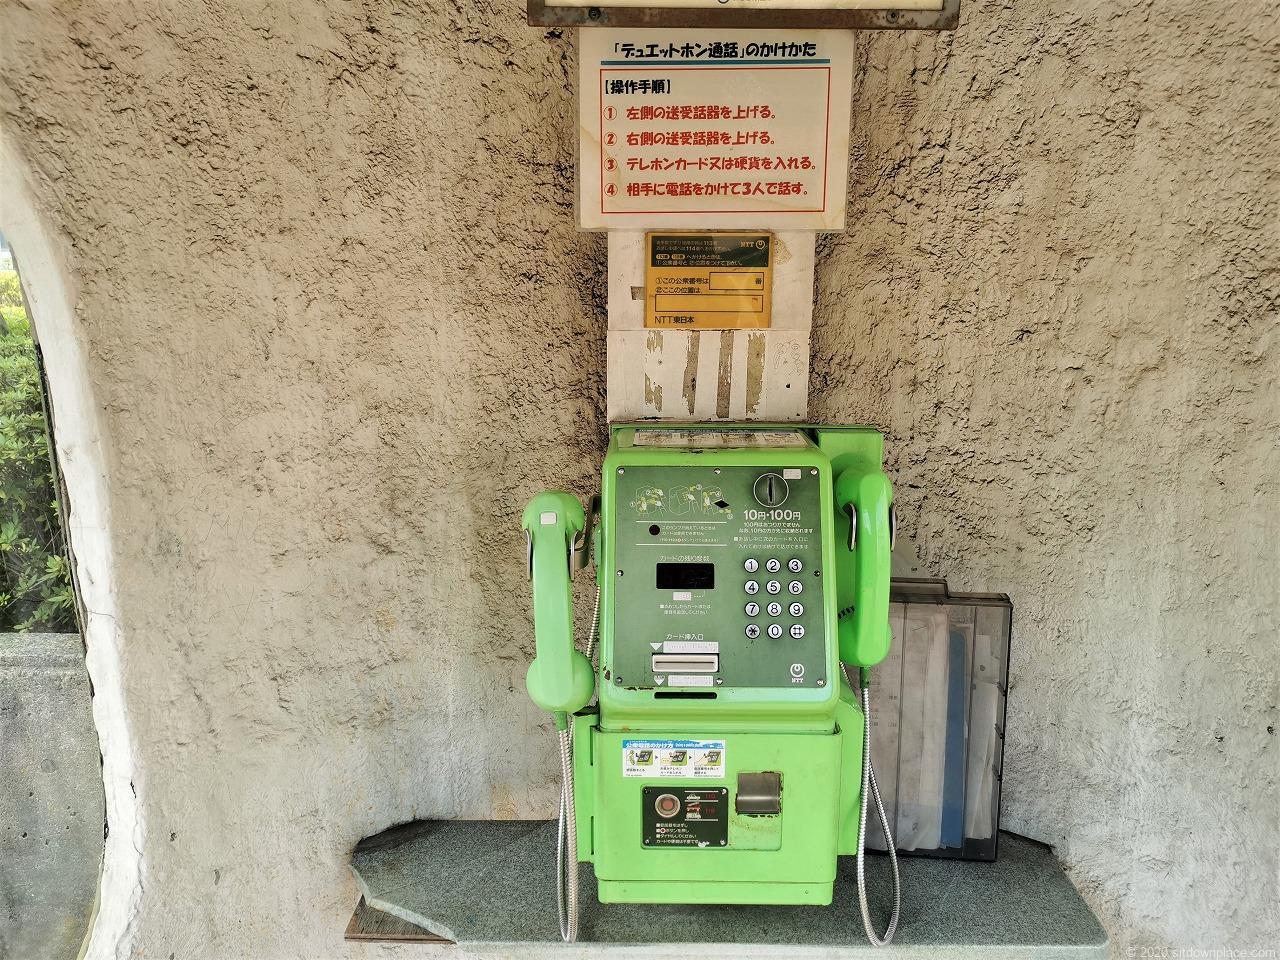 武蔵小杉駅 中原区役所の公衆電話 デュエットフォン